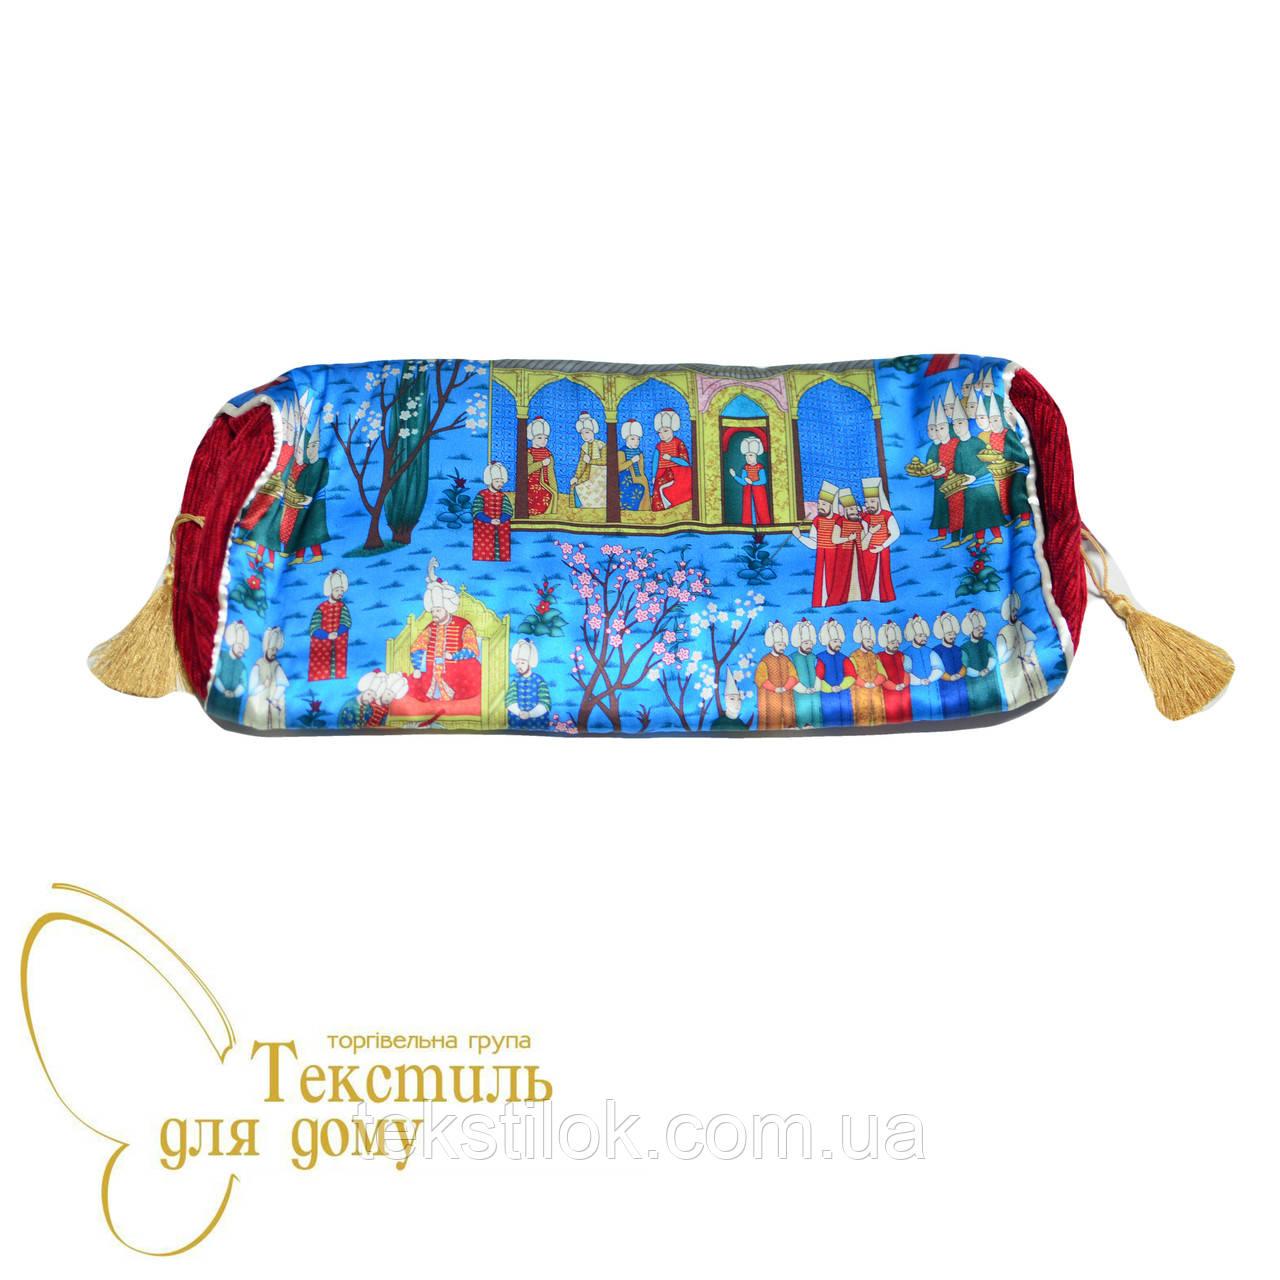 Наволочка декоративная валик Султан Miniatur, шелк, синий